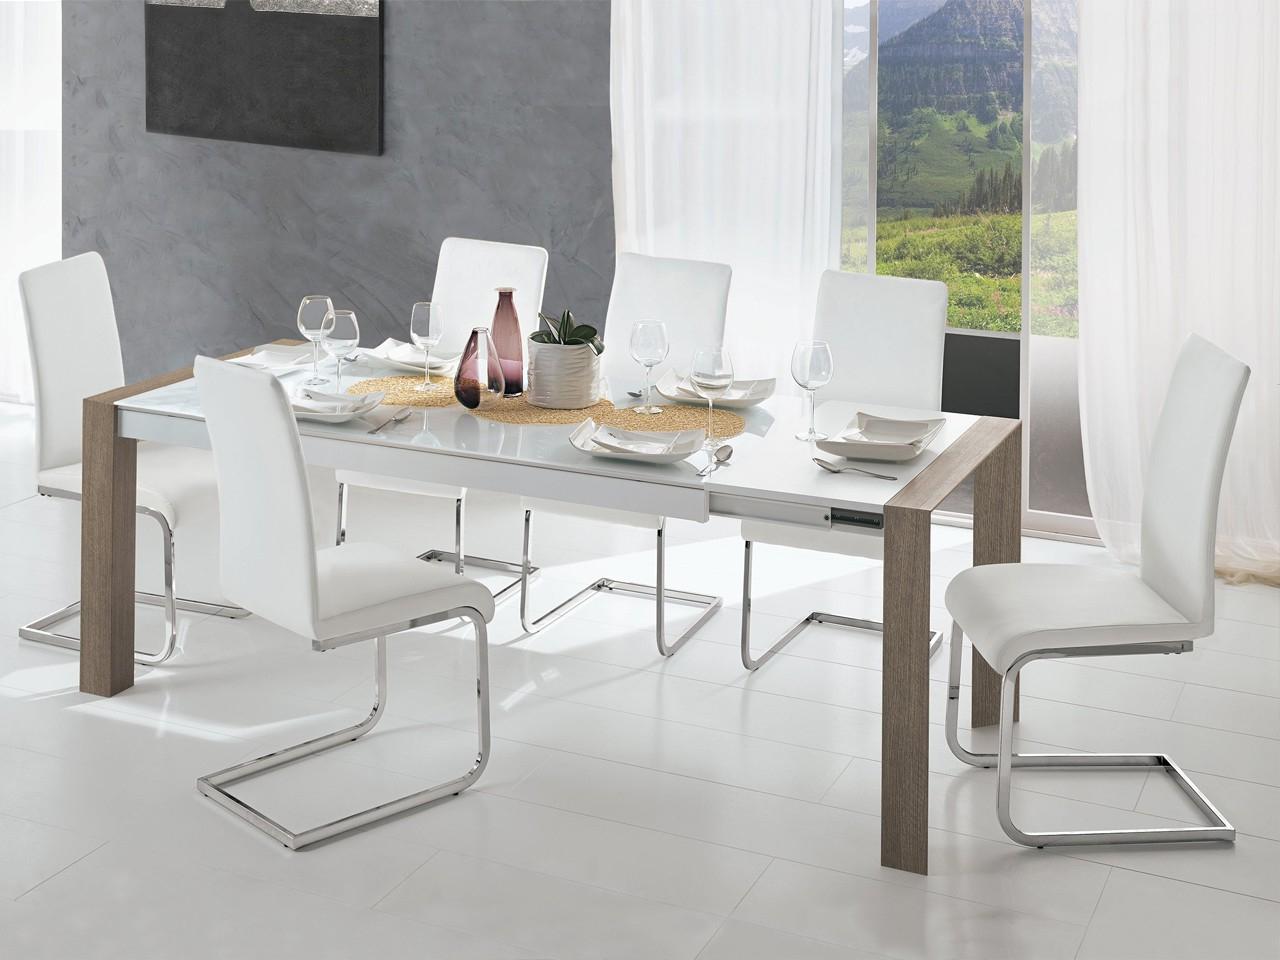 Mesas De Salon Extensibles Gdd0 Mesas De Edor Extensibles Elegant